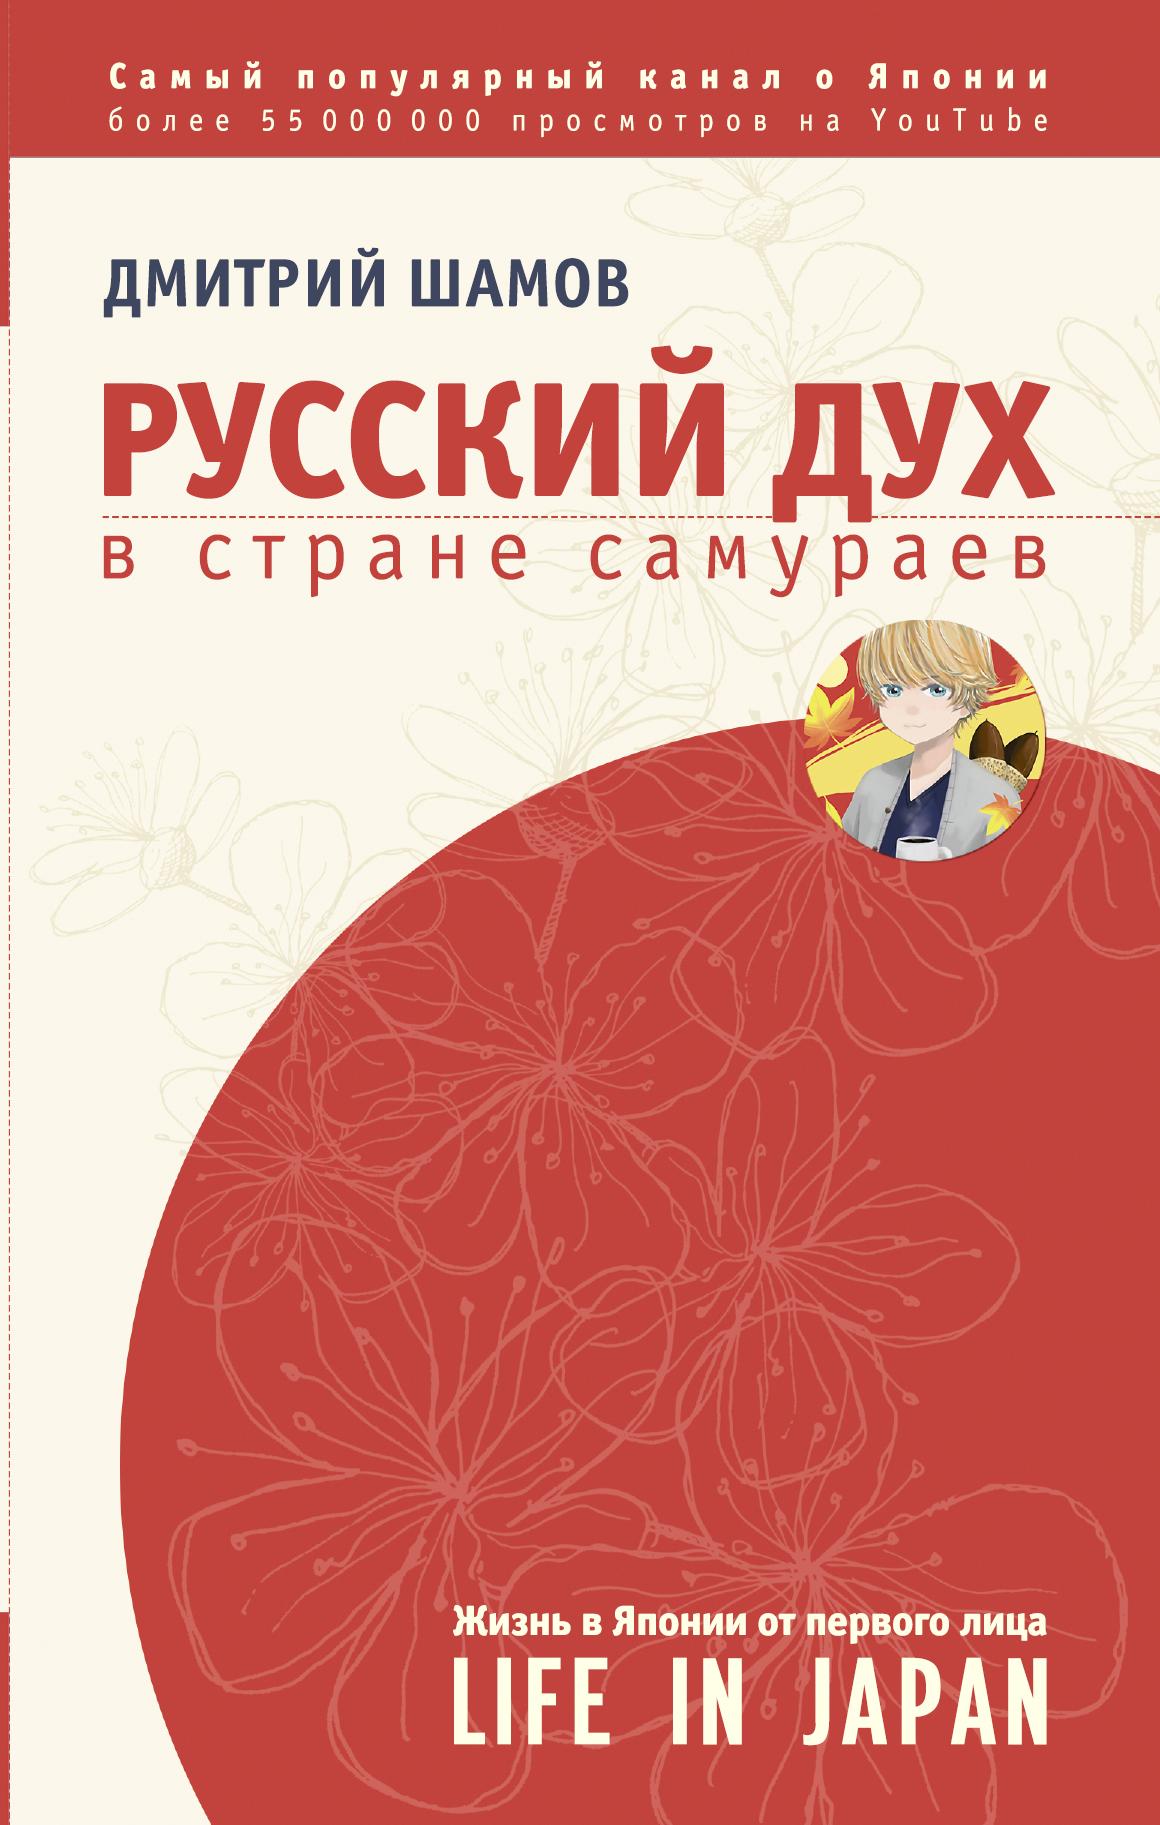 Шамов Д.Э. Русский дух в стране самураев: жизнь в Японии от первого лица